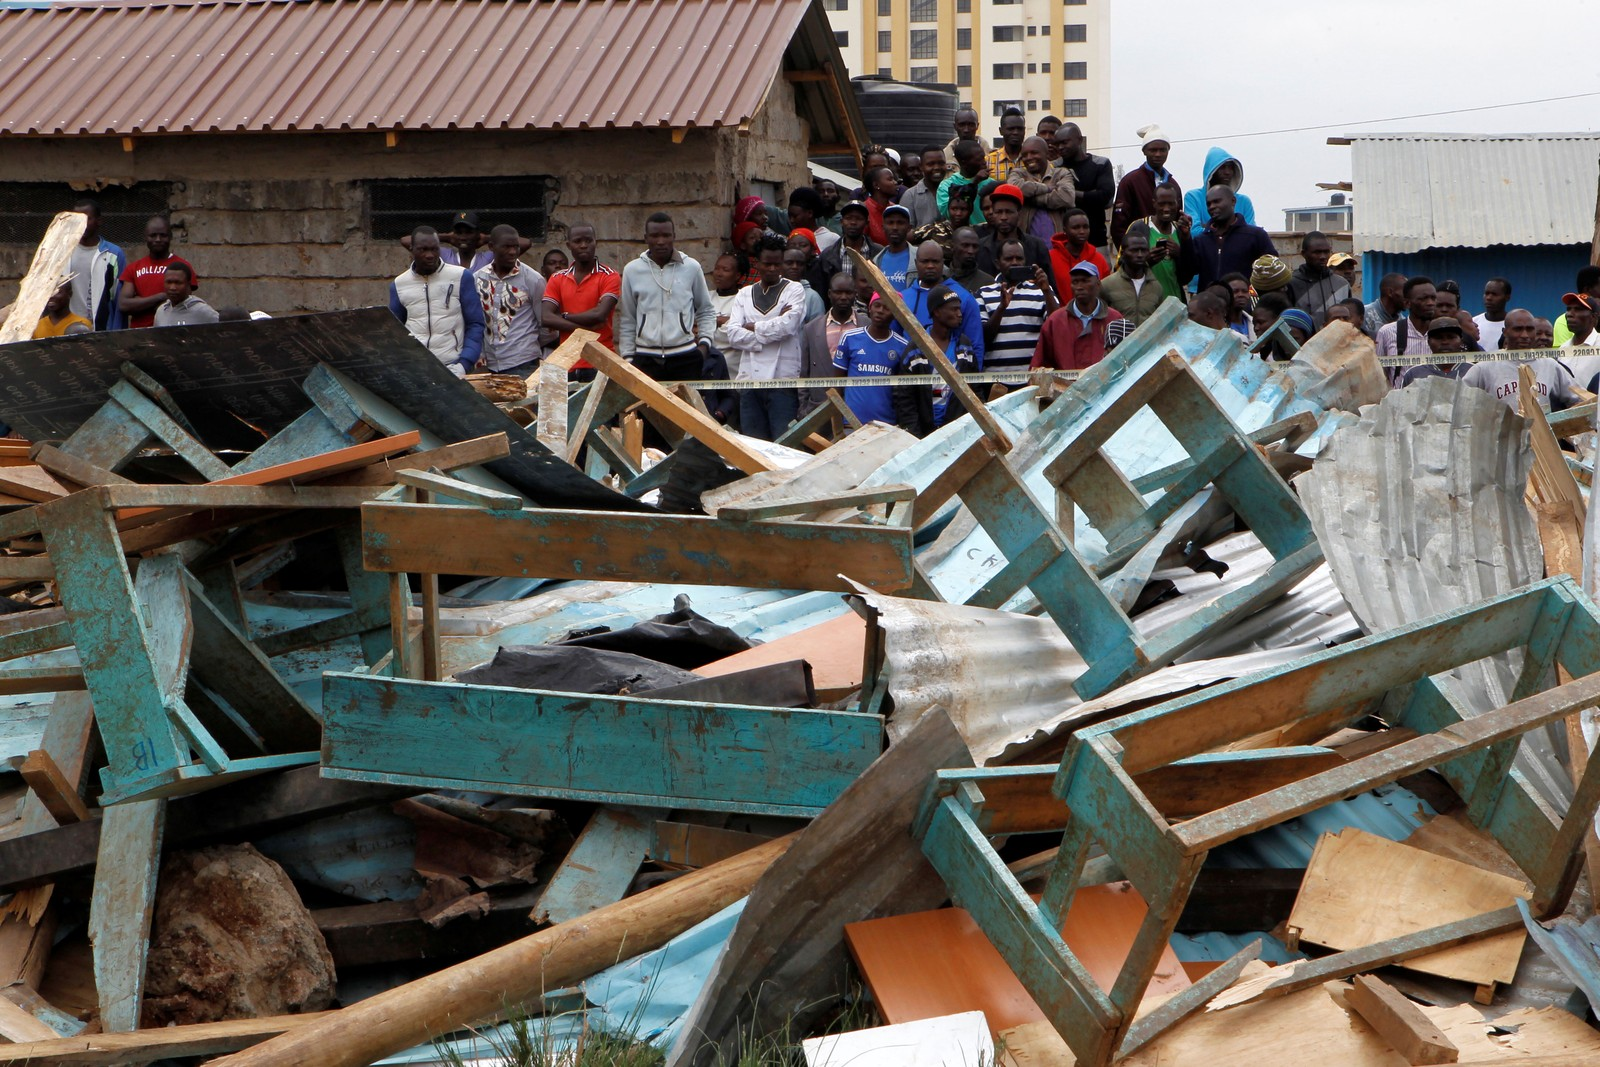 Quenianos observam sala de aula que desabou em Nairobi nesta segunda-feira (23) — Foto: Njeri Mwangi/ Reuters